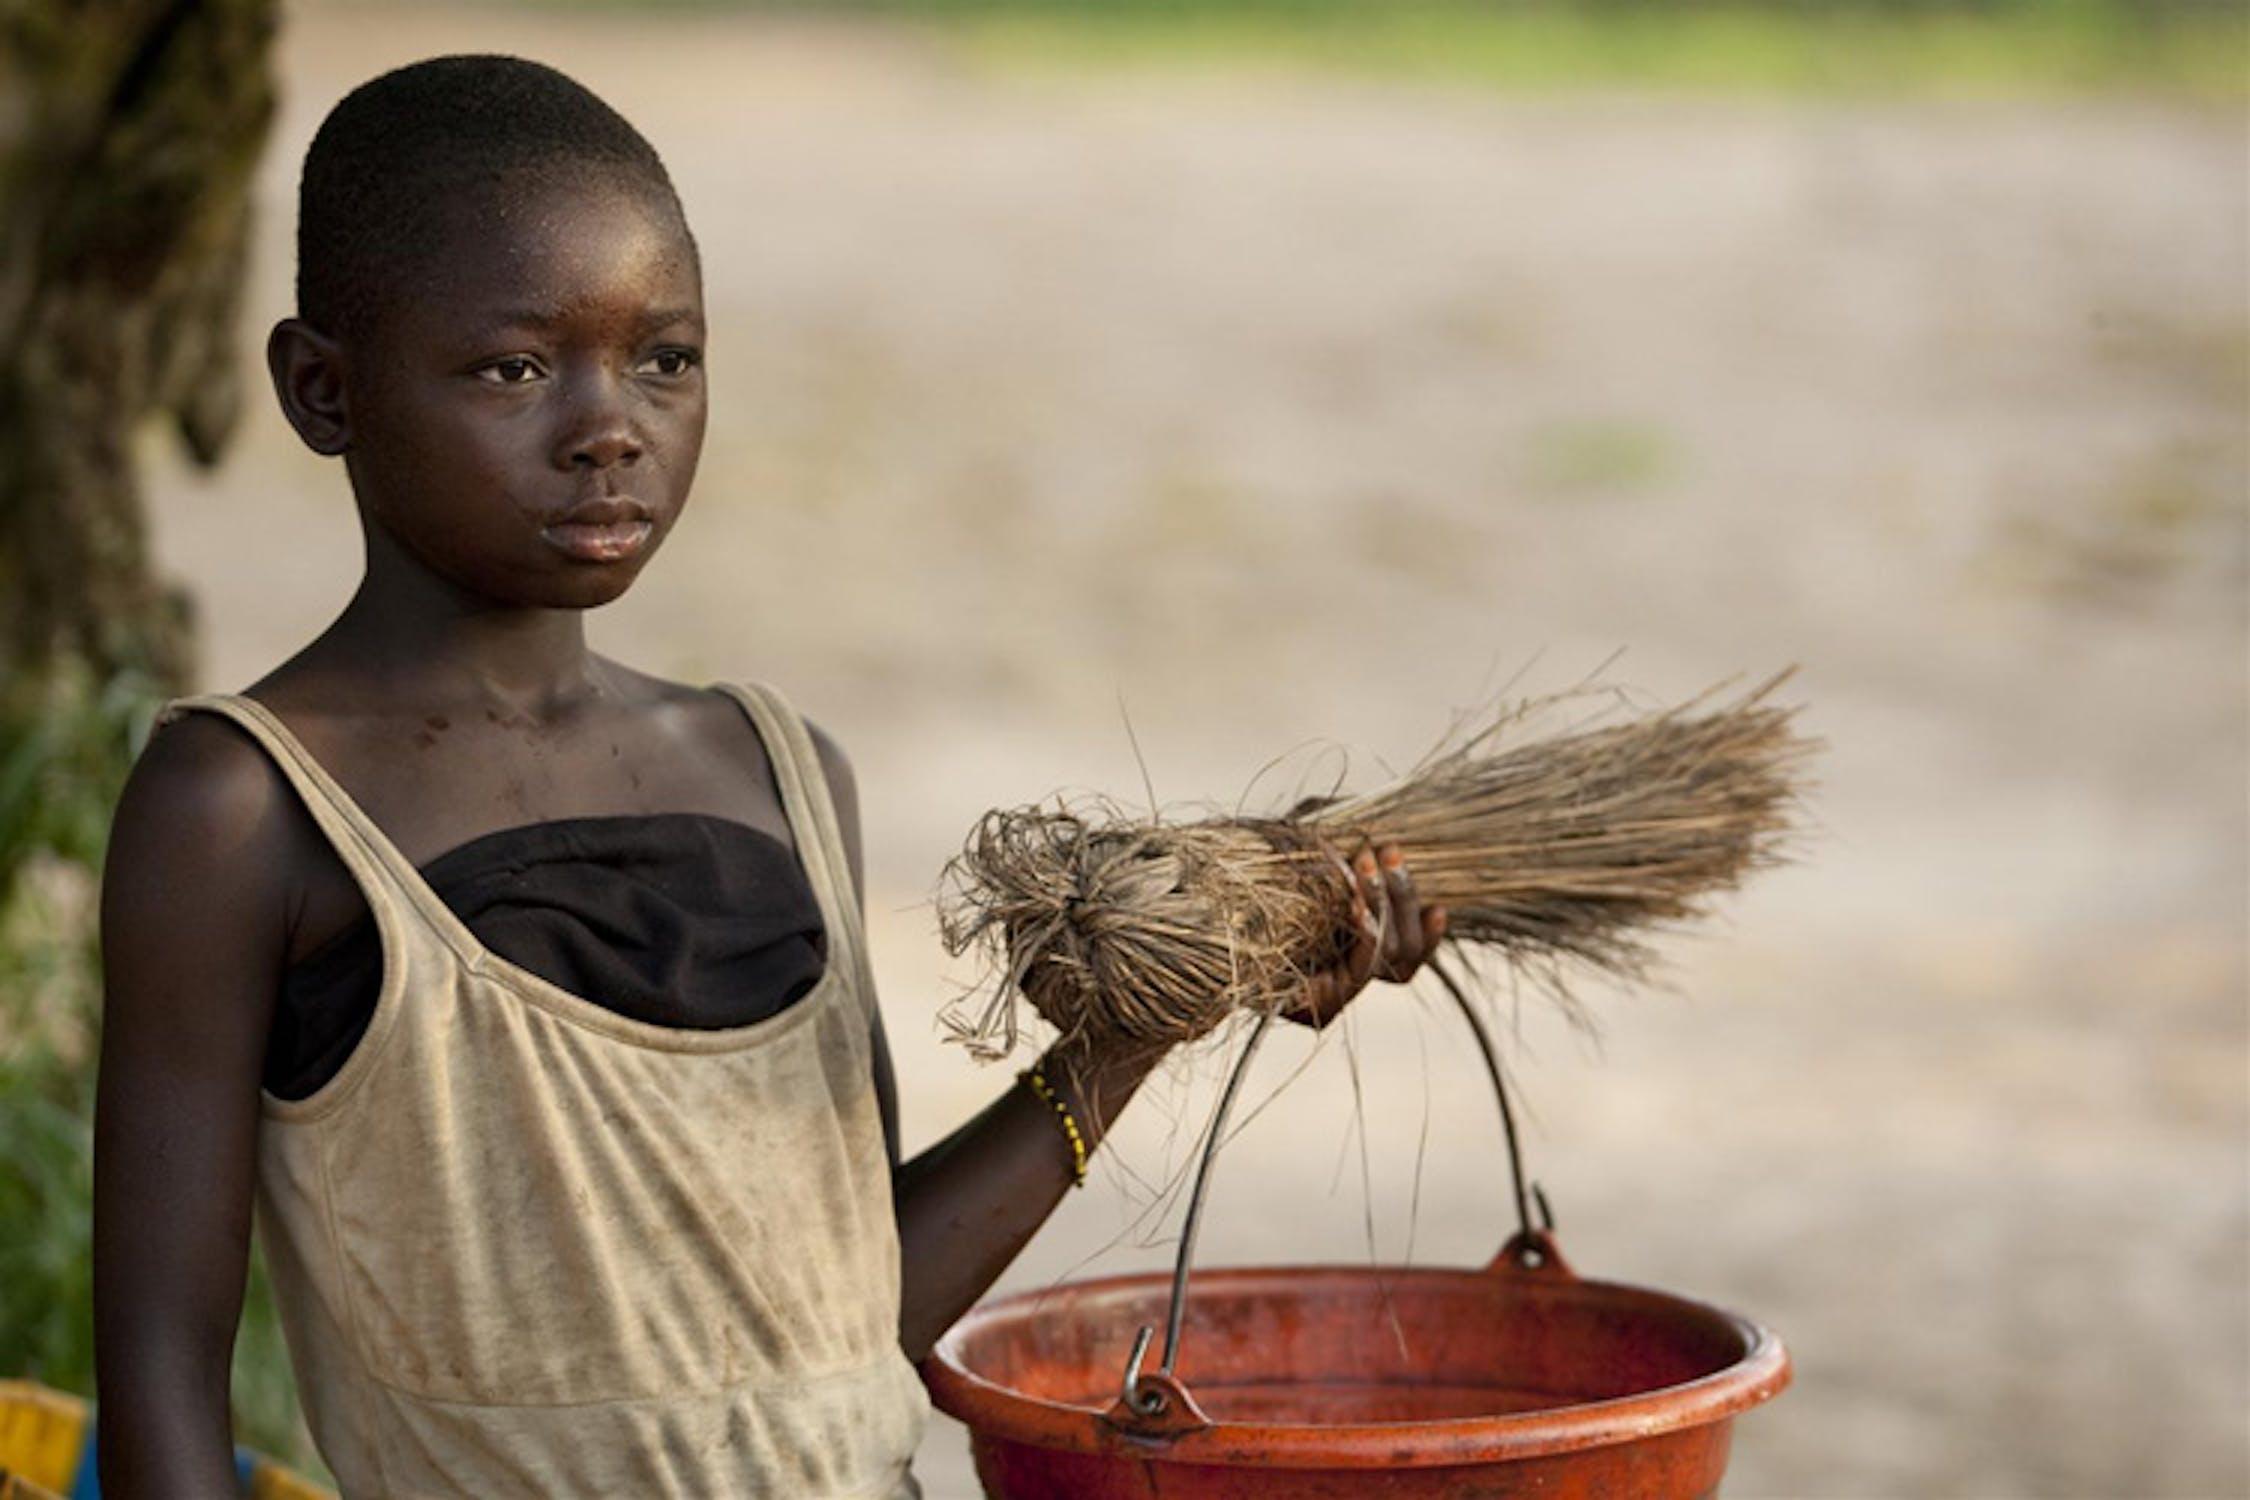 Repubblica Democratica del Congo - ©UNICEF/NYHQ2010-1541/Asselin